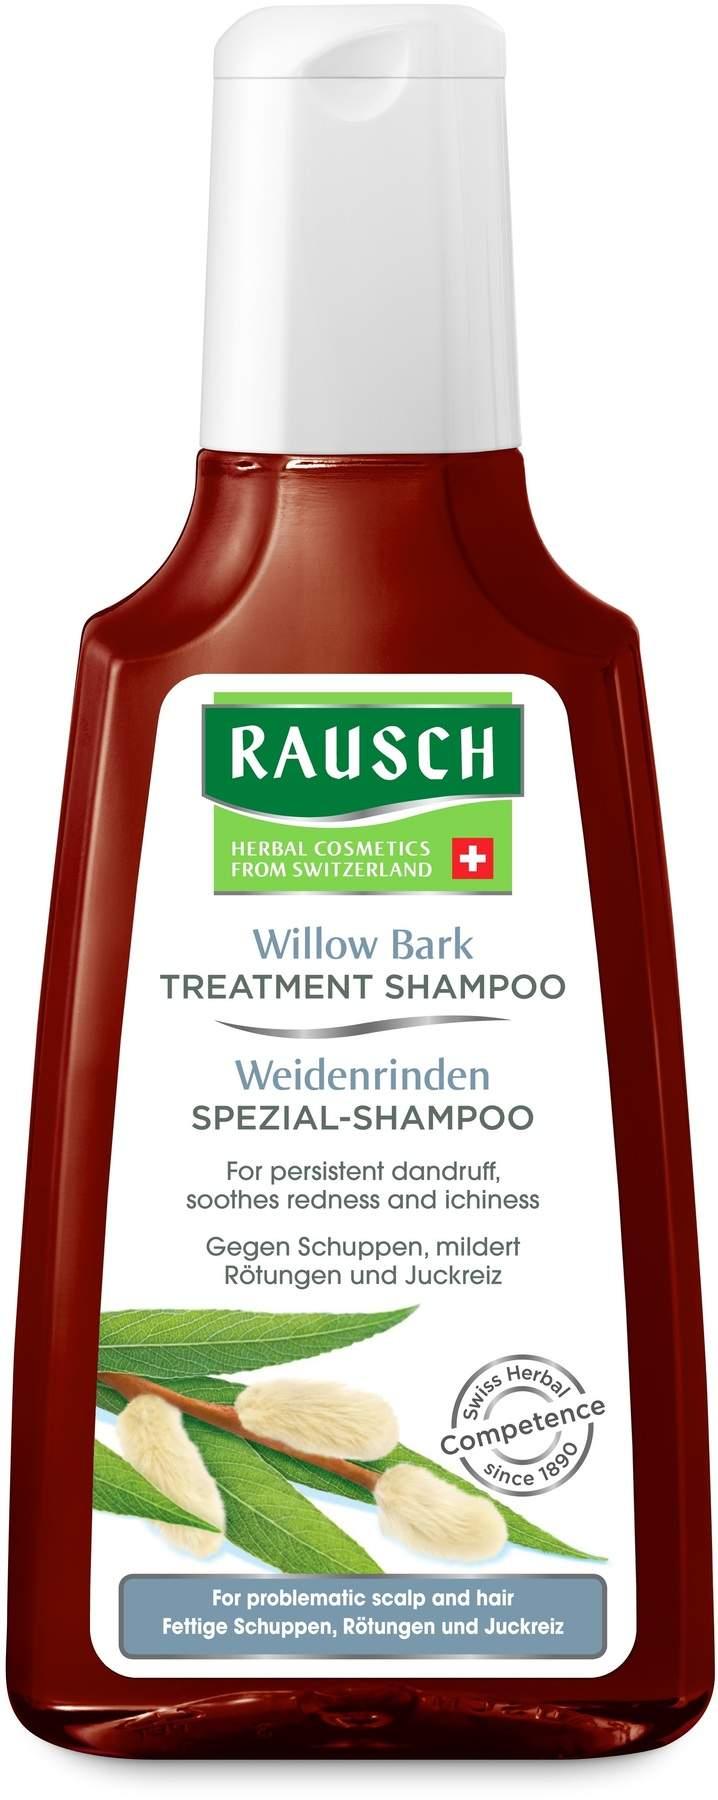 rausch weidenrinden 200 ml shampoo kaufen volksversand versandapotheke. Black Bedroom Furniture Sets. Home Design Ideas